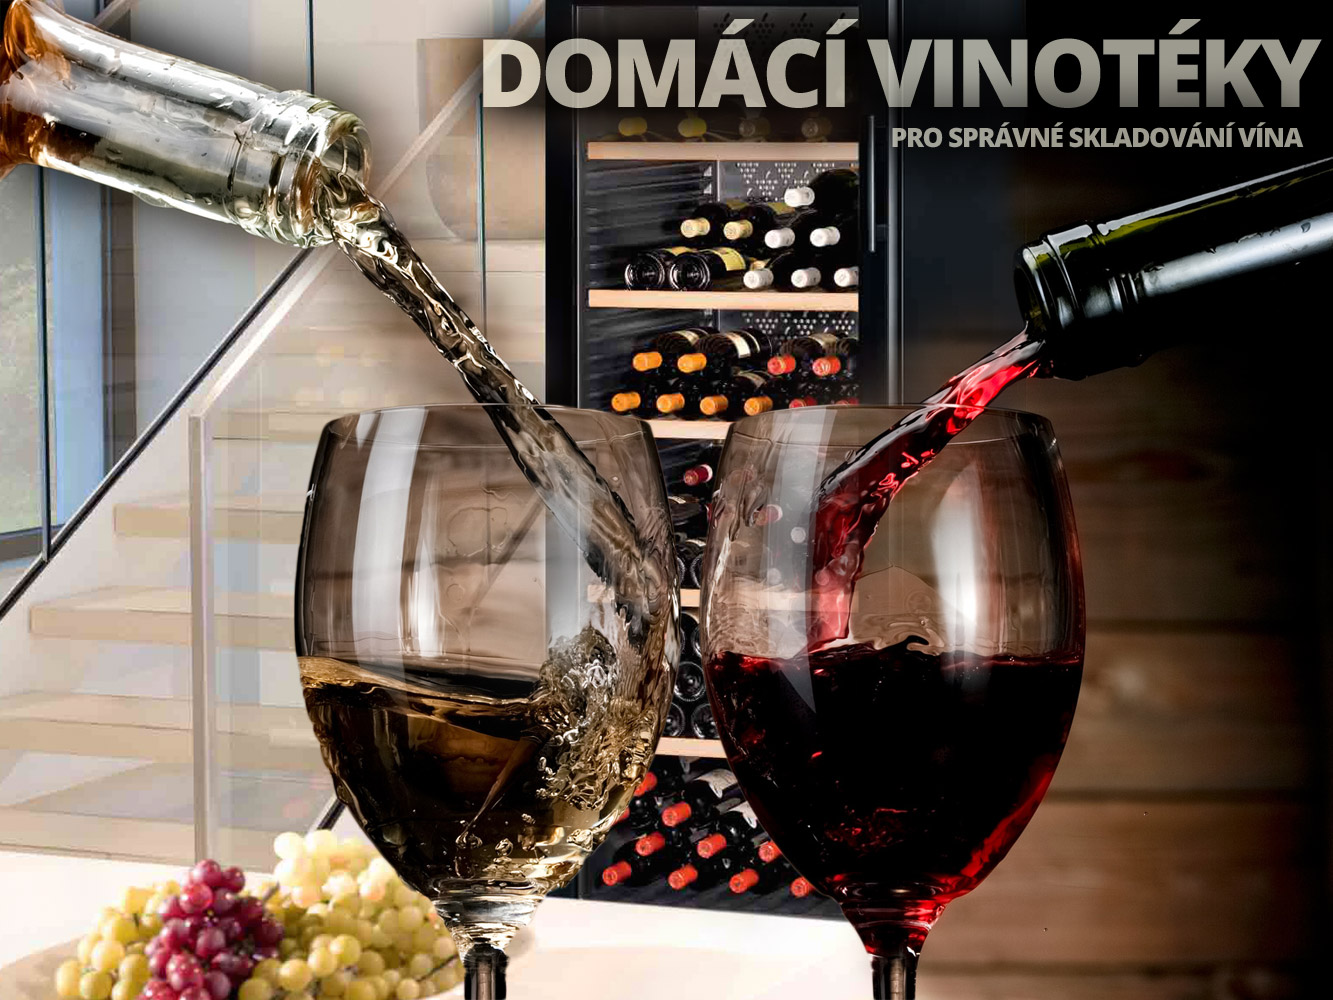 Domácí vinotéky dají každému vínu tu správnou teplotu